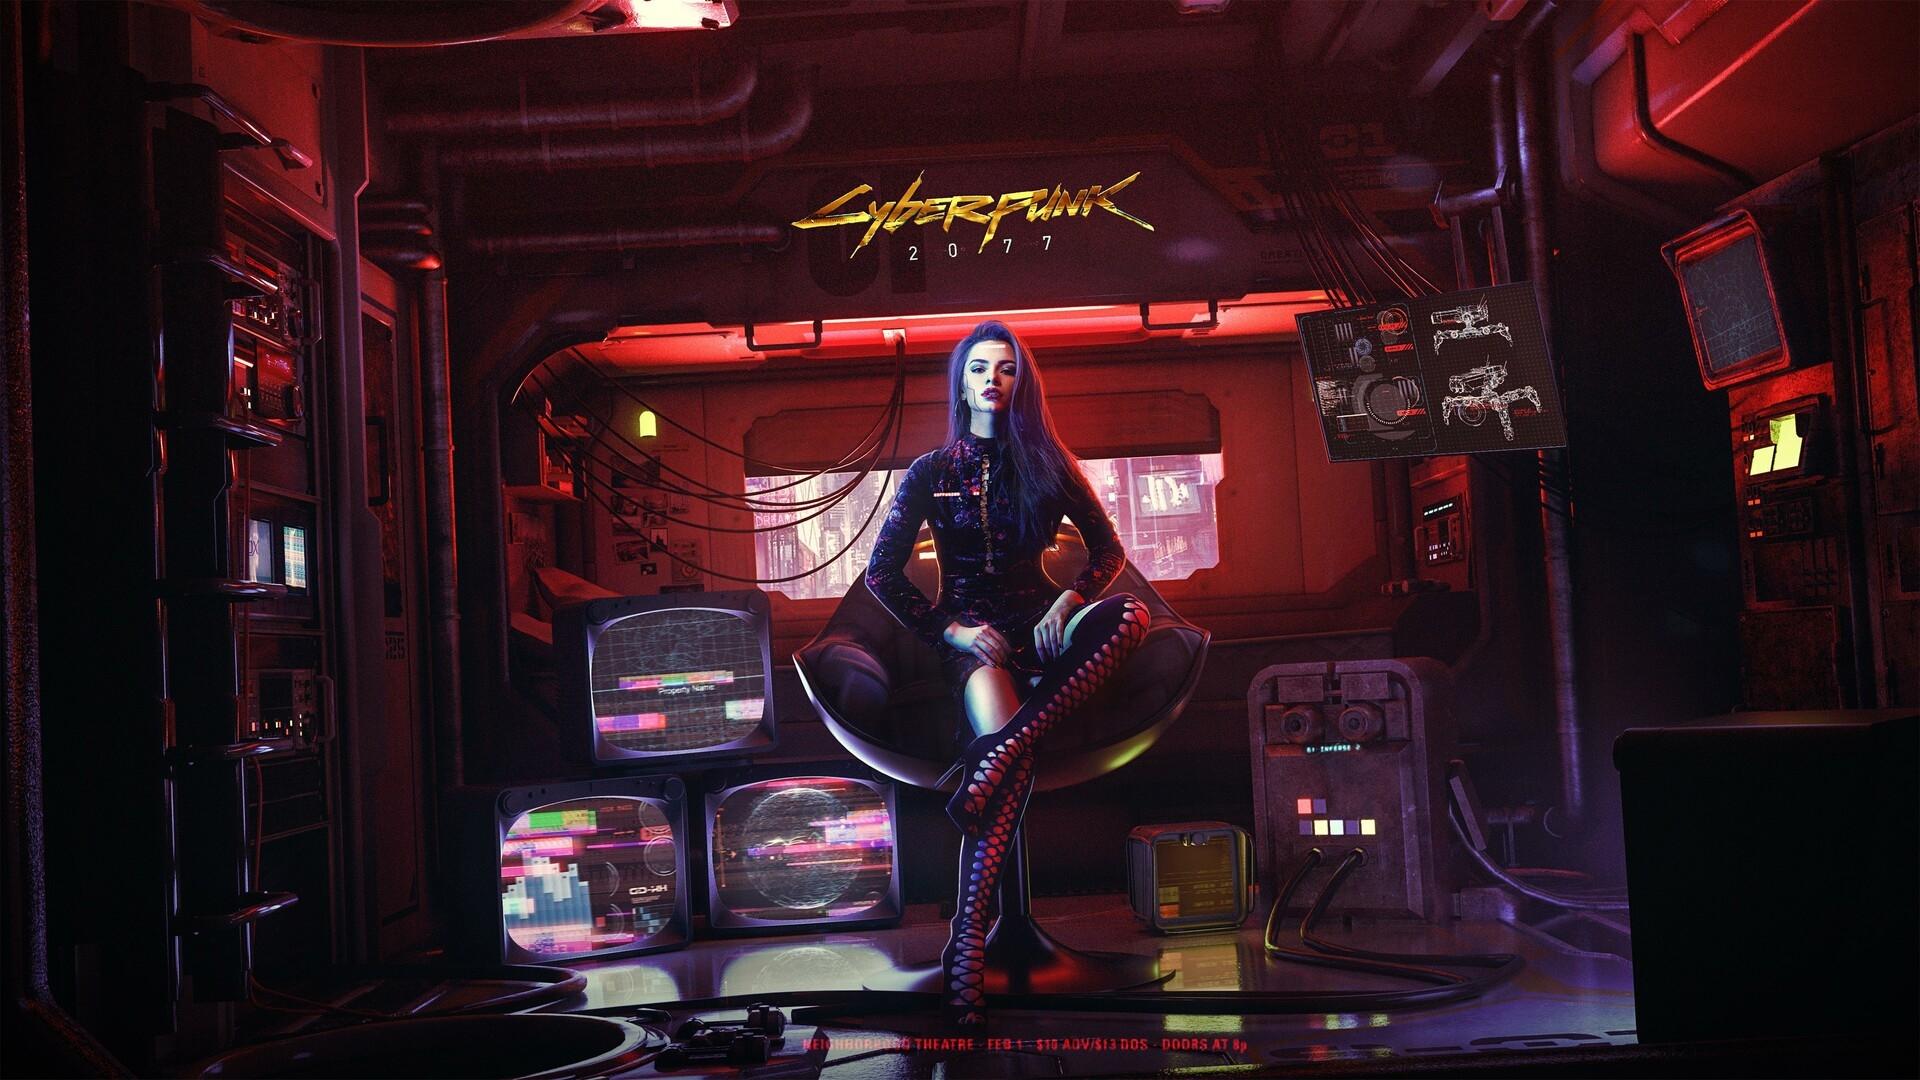 Cyberpunk 2077 Girl Art Wallpaper, HD Games 4K Wallpapers ...